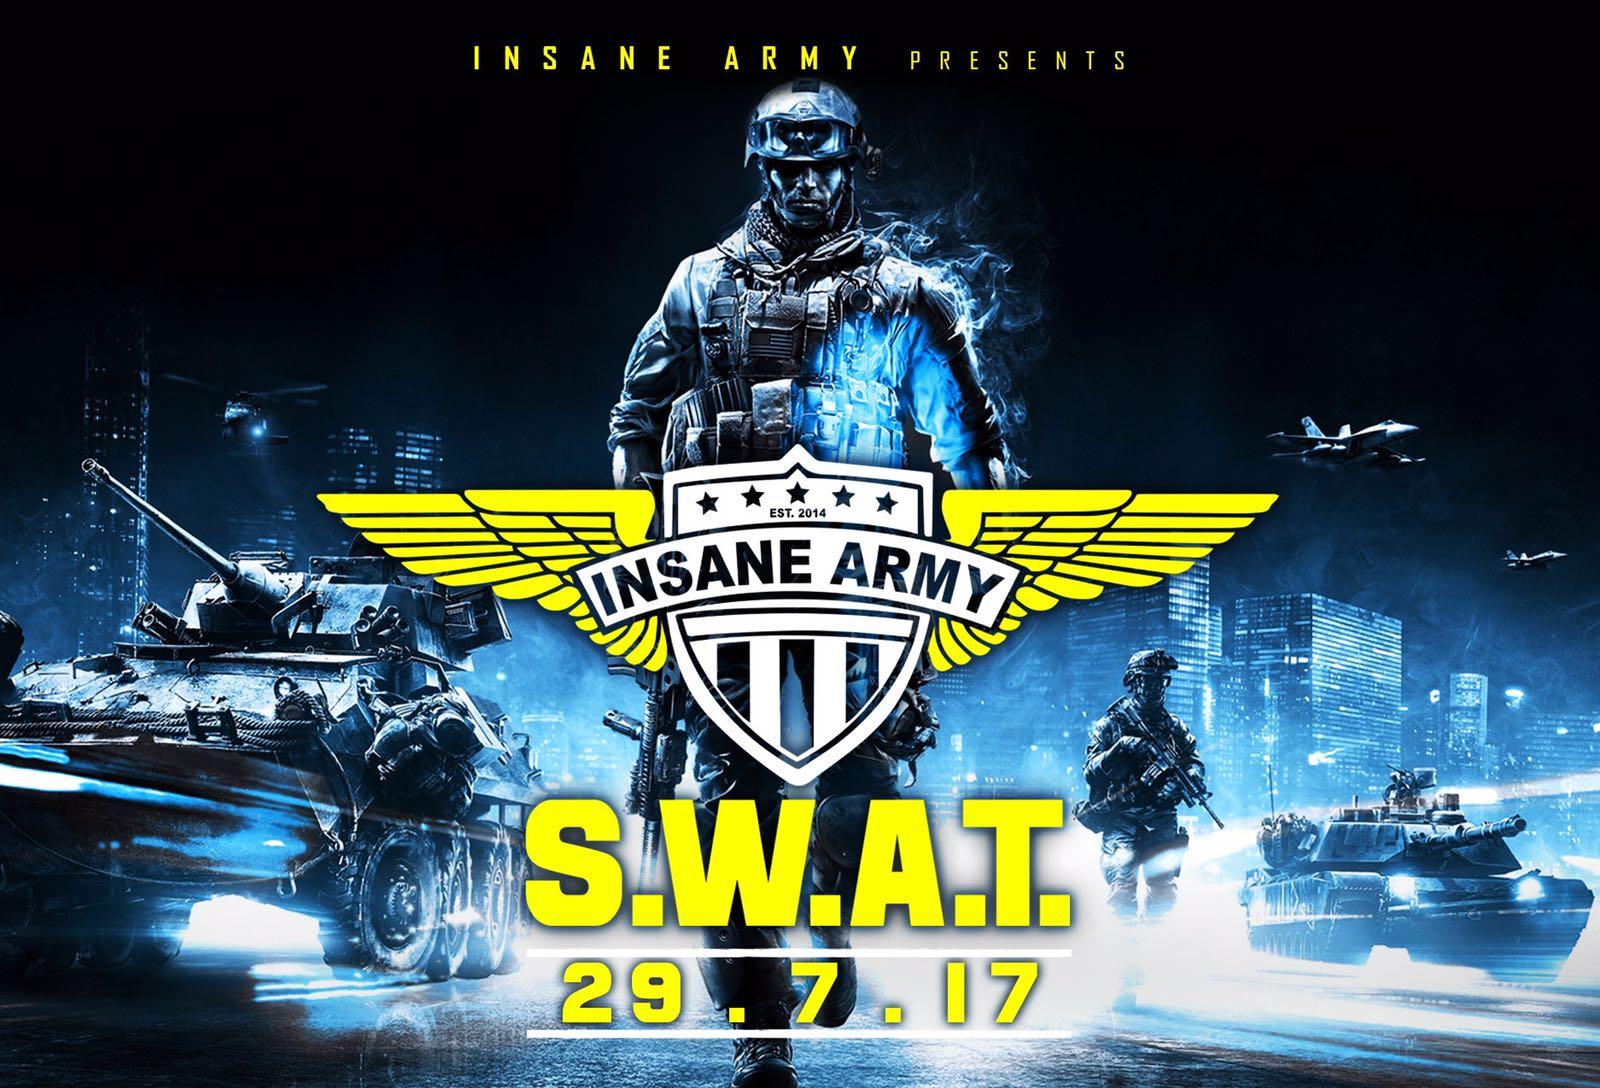 Insane-Tshirt-Mas-2017-SWAT